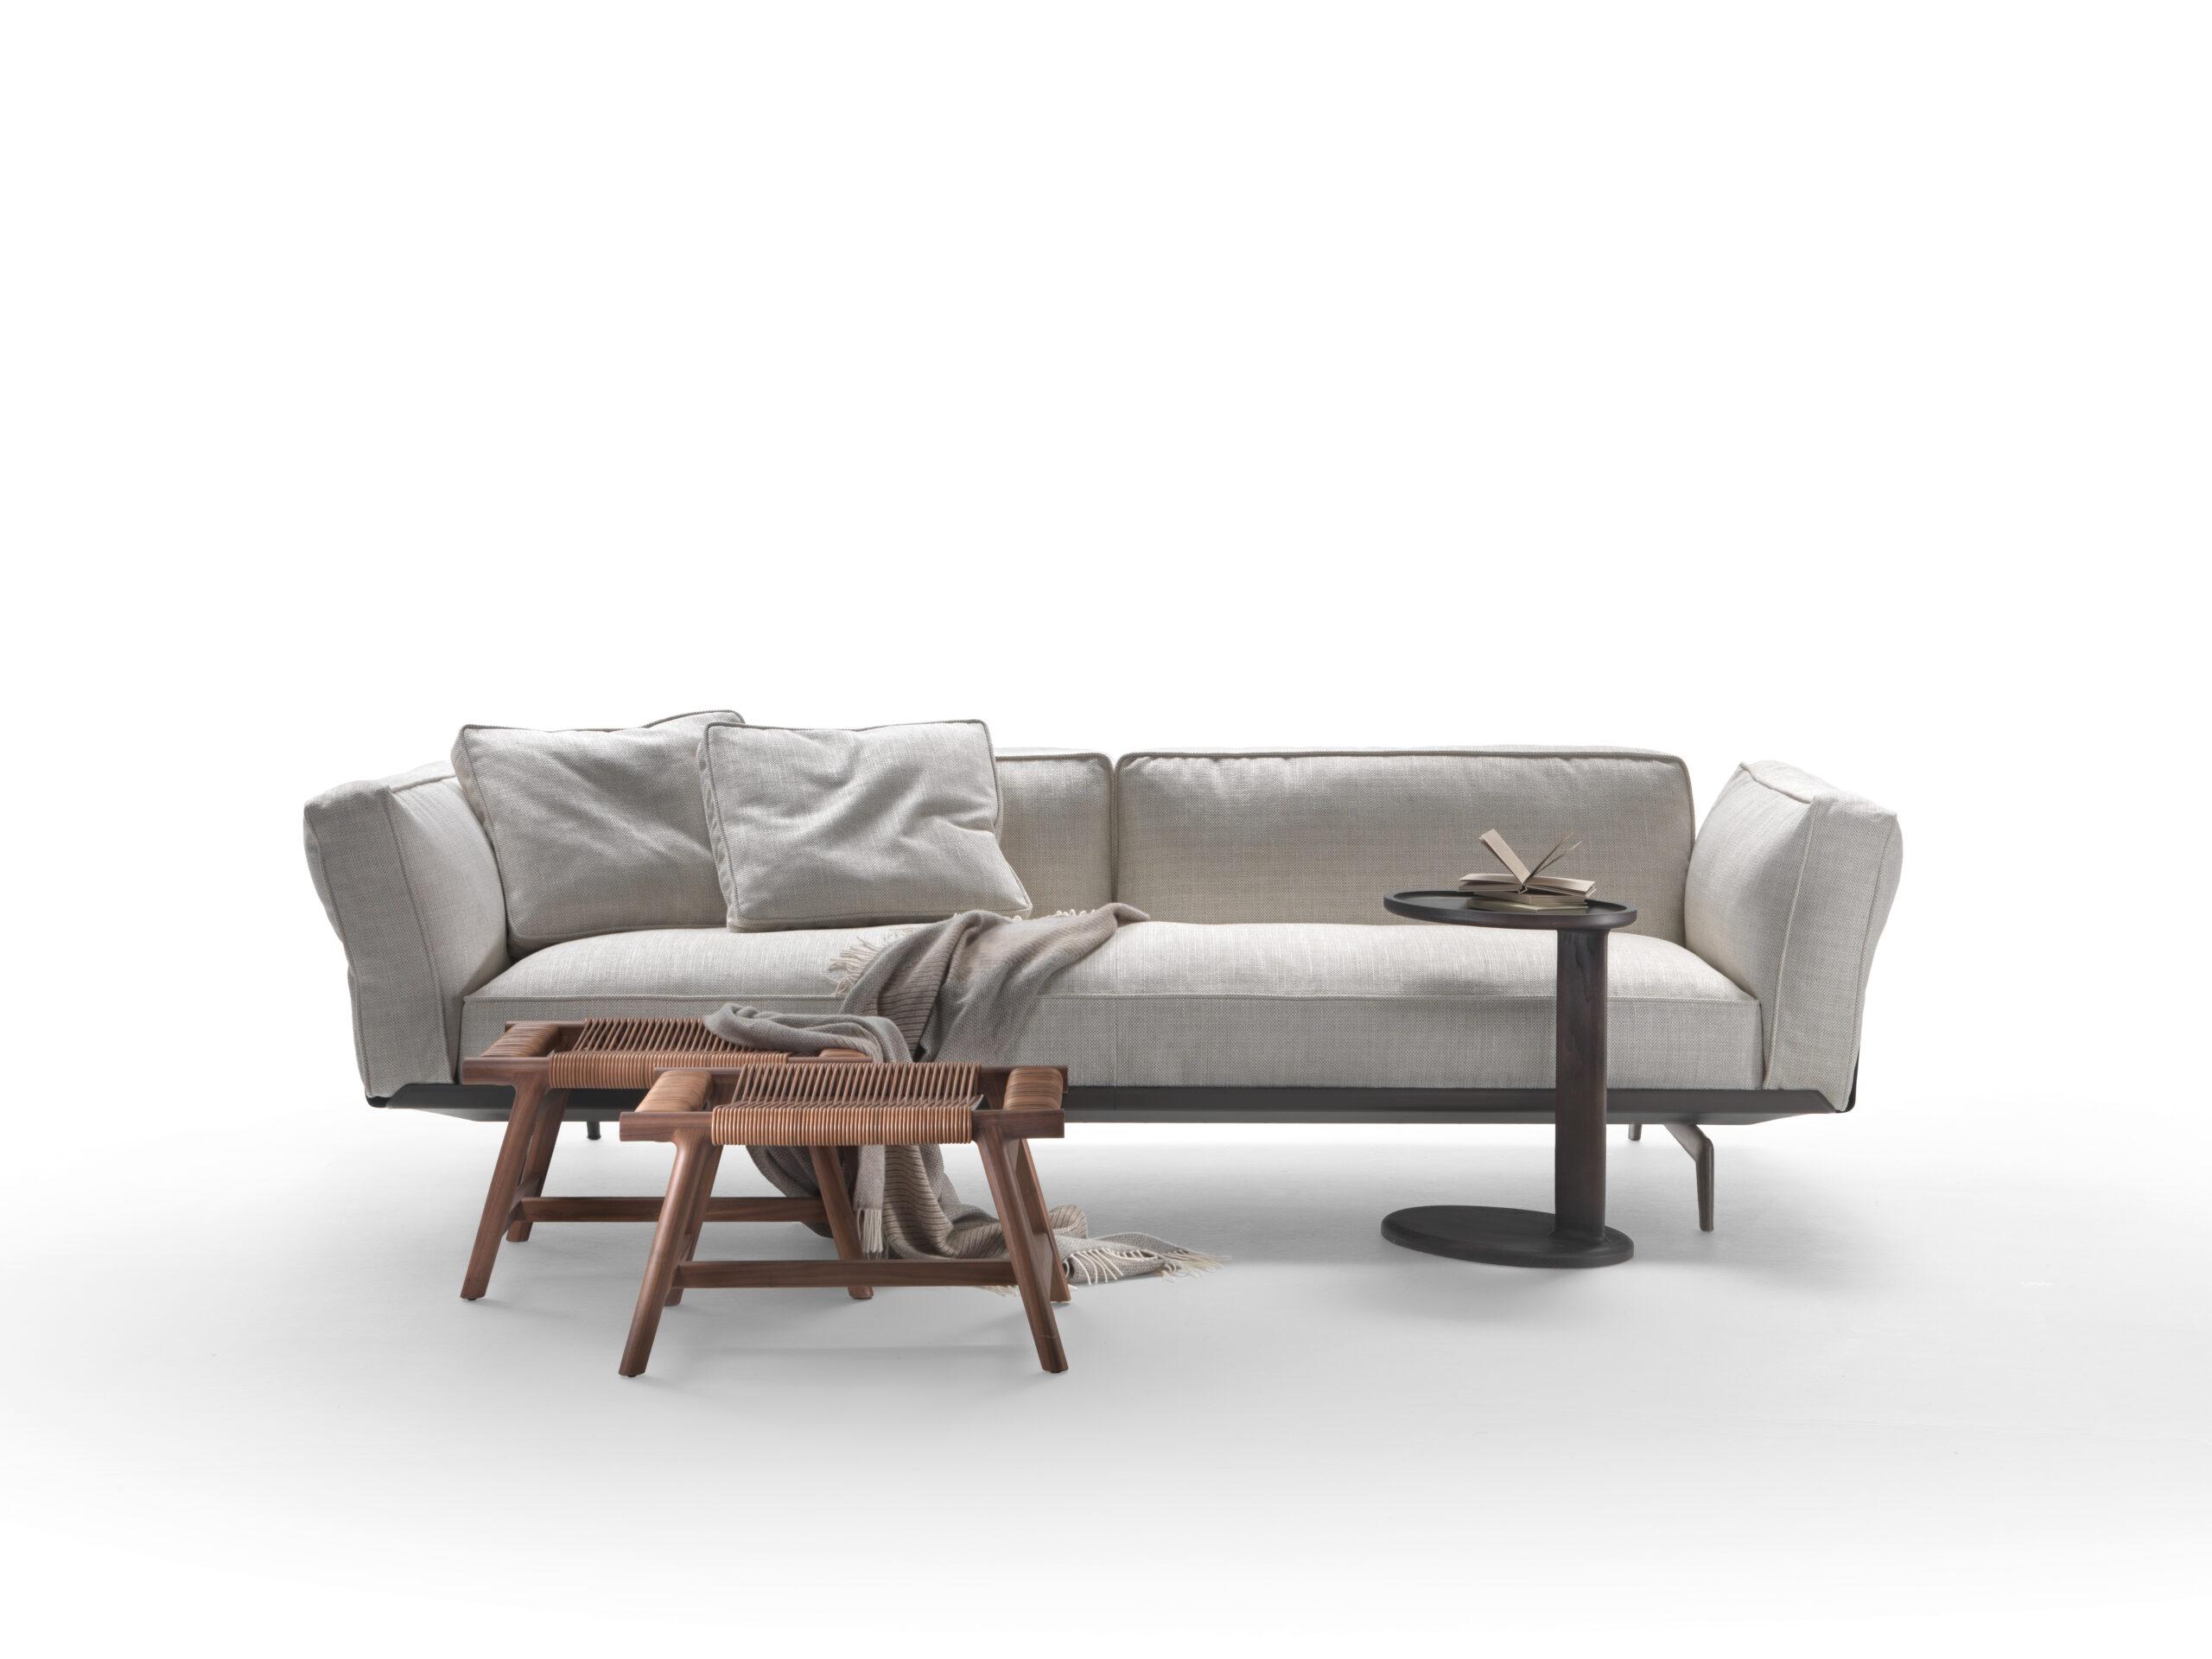 Full Size of Flexform Sofa Bed Ebay Winny Twins Groundpiece Gebraucht Preis Sale Uk Gary Eden List Furniture Este Von Stylepark Polster Reinigen L Mit Schlaffunktion Grau Sofa Flexform Sofa